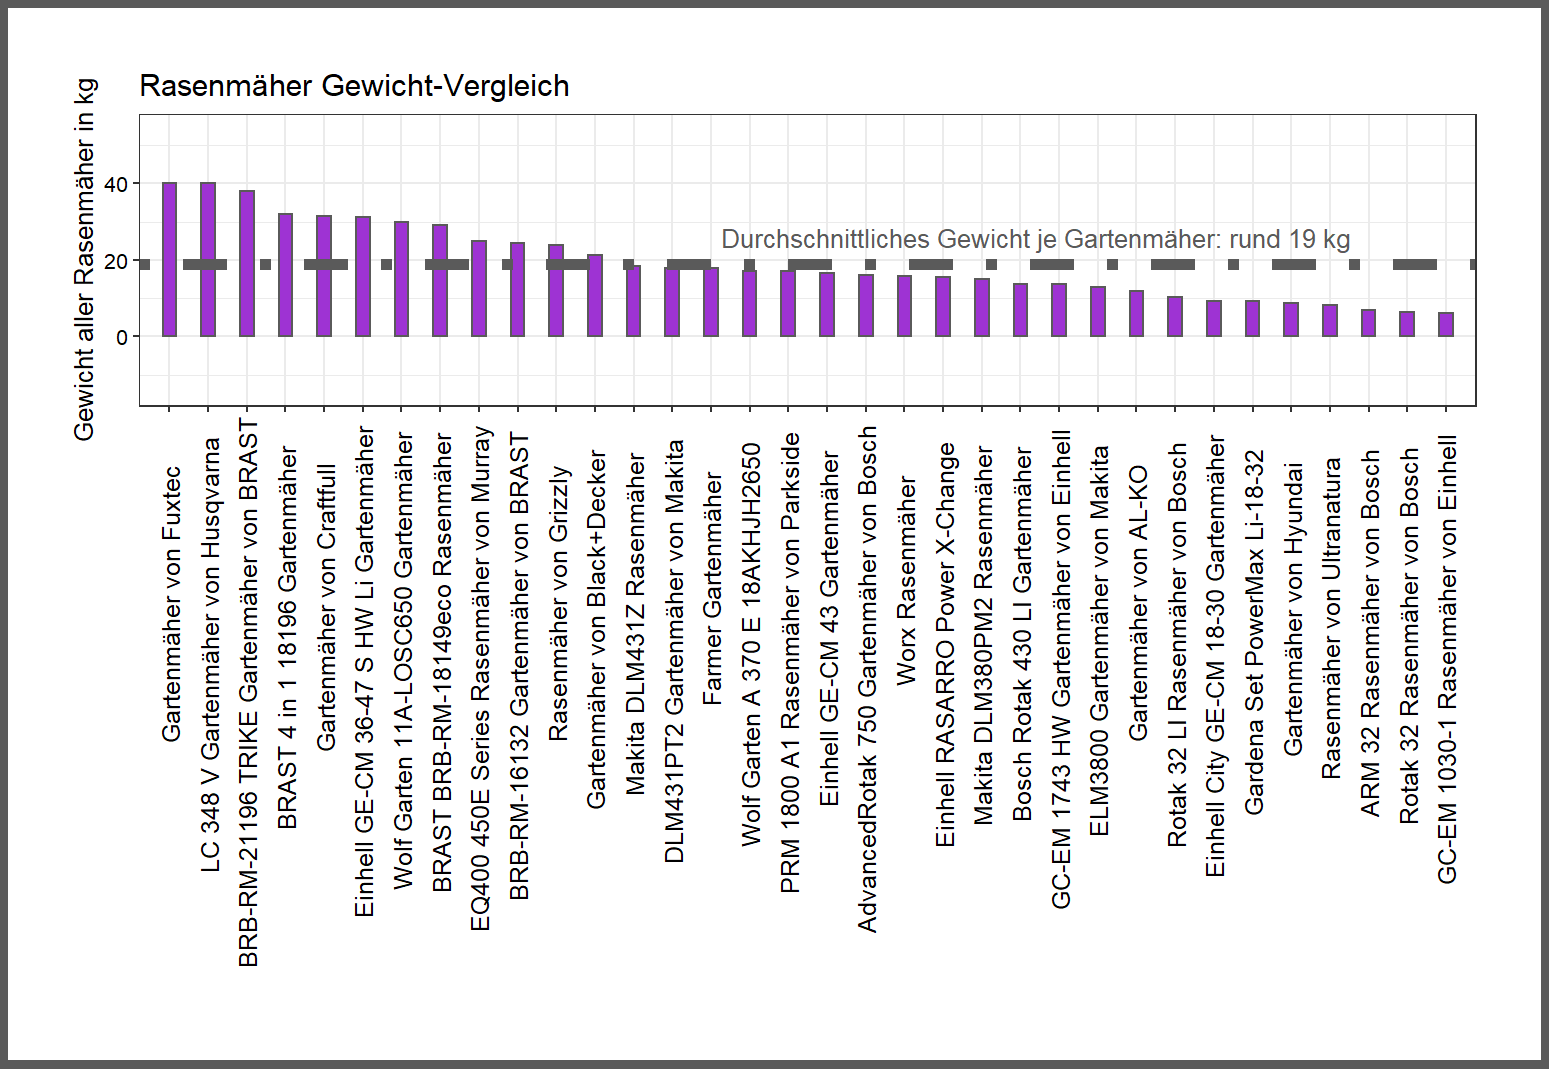 Produktgewicht-Vergleich aller Rasenmäher